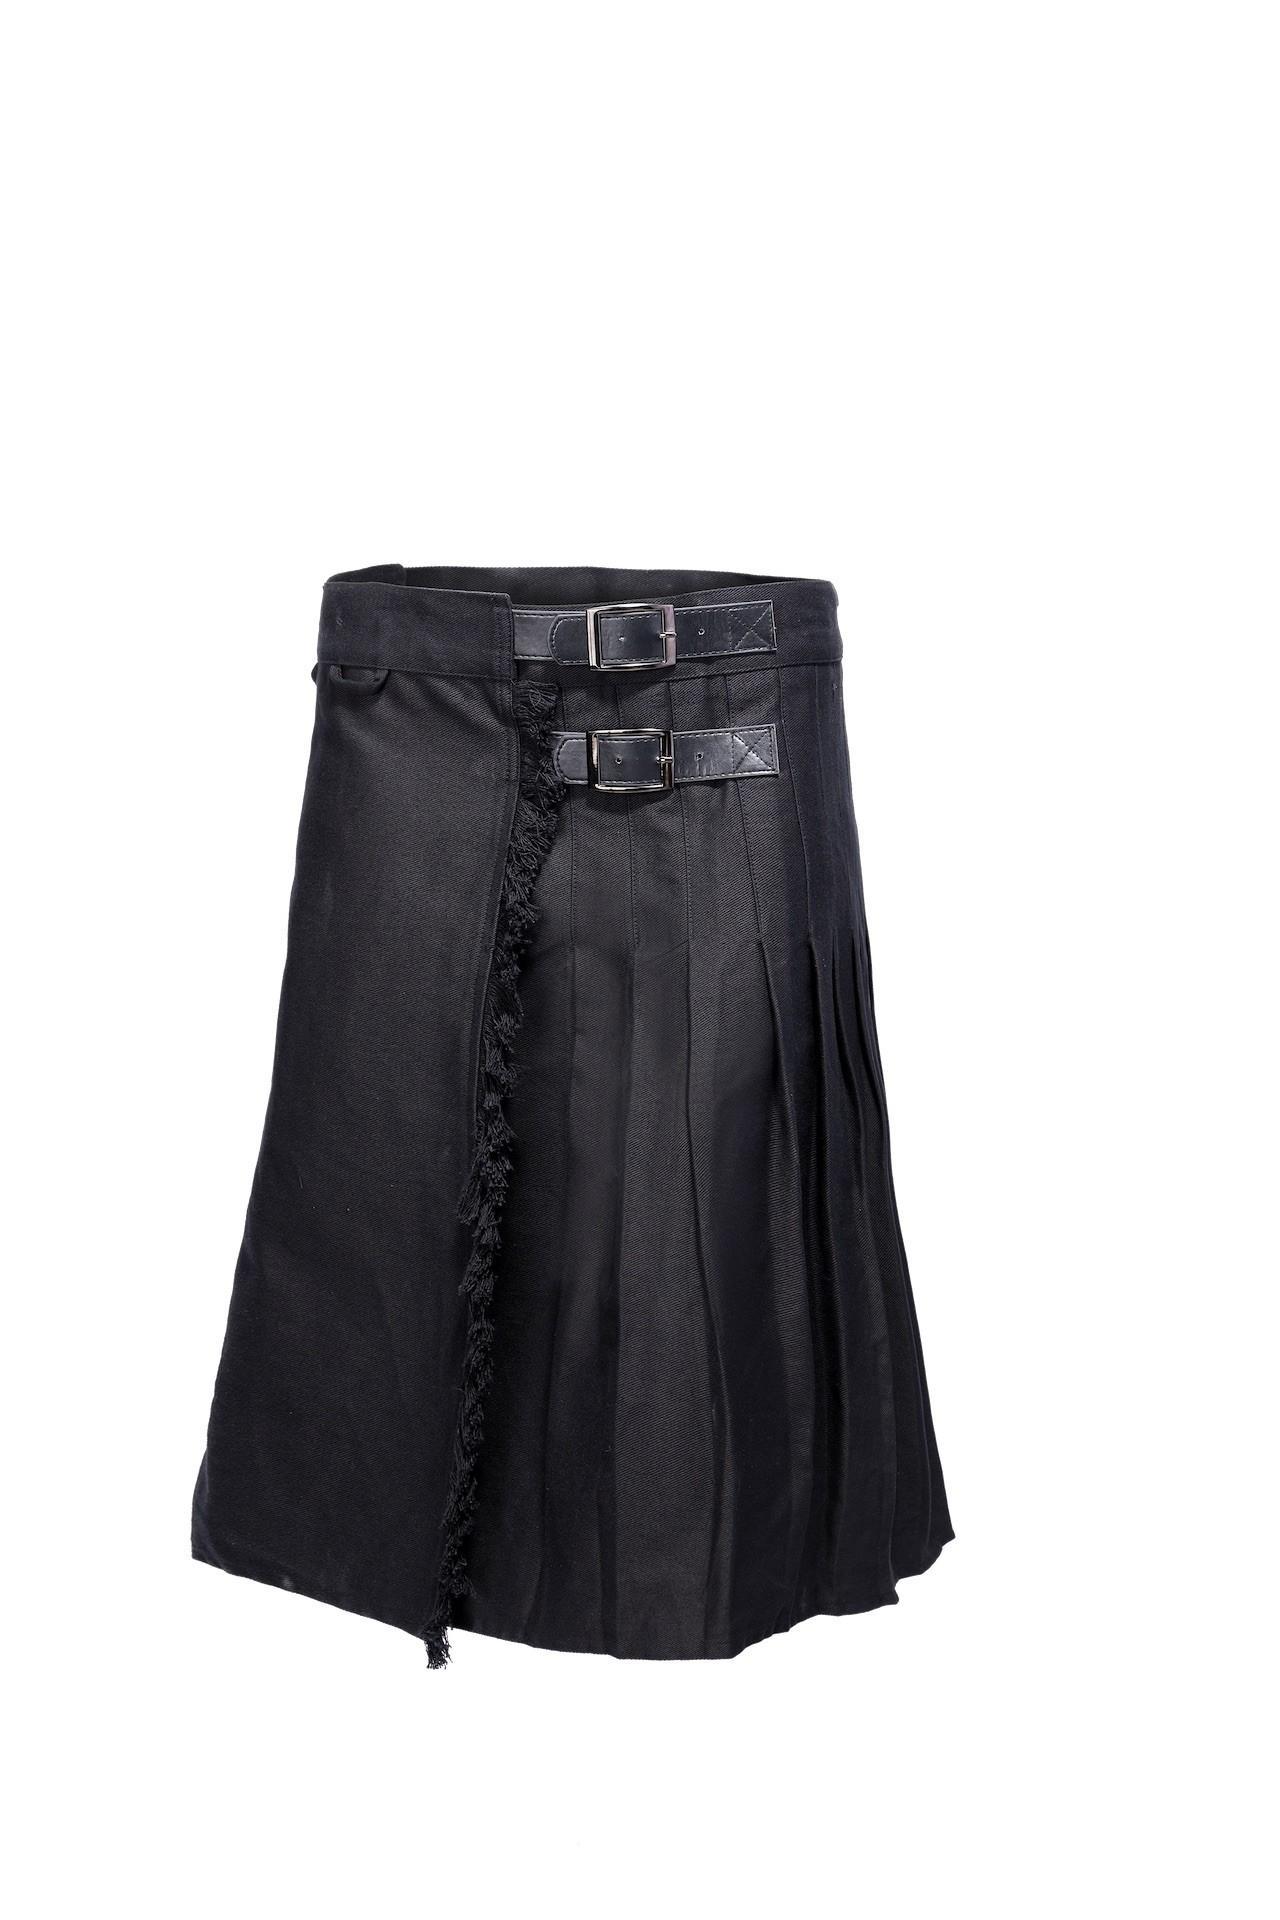 Shorts Homme Noir pentagramme J040061  #c eFashion Paris